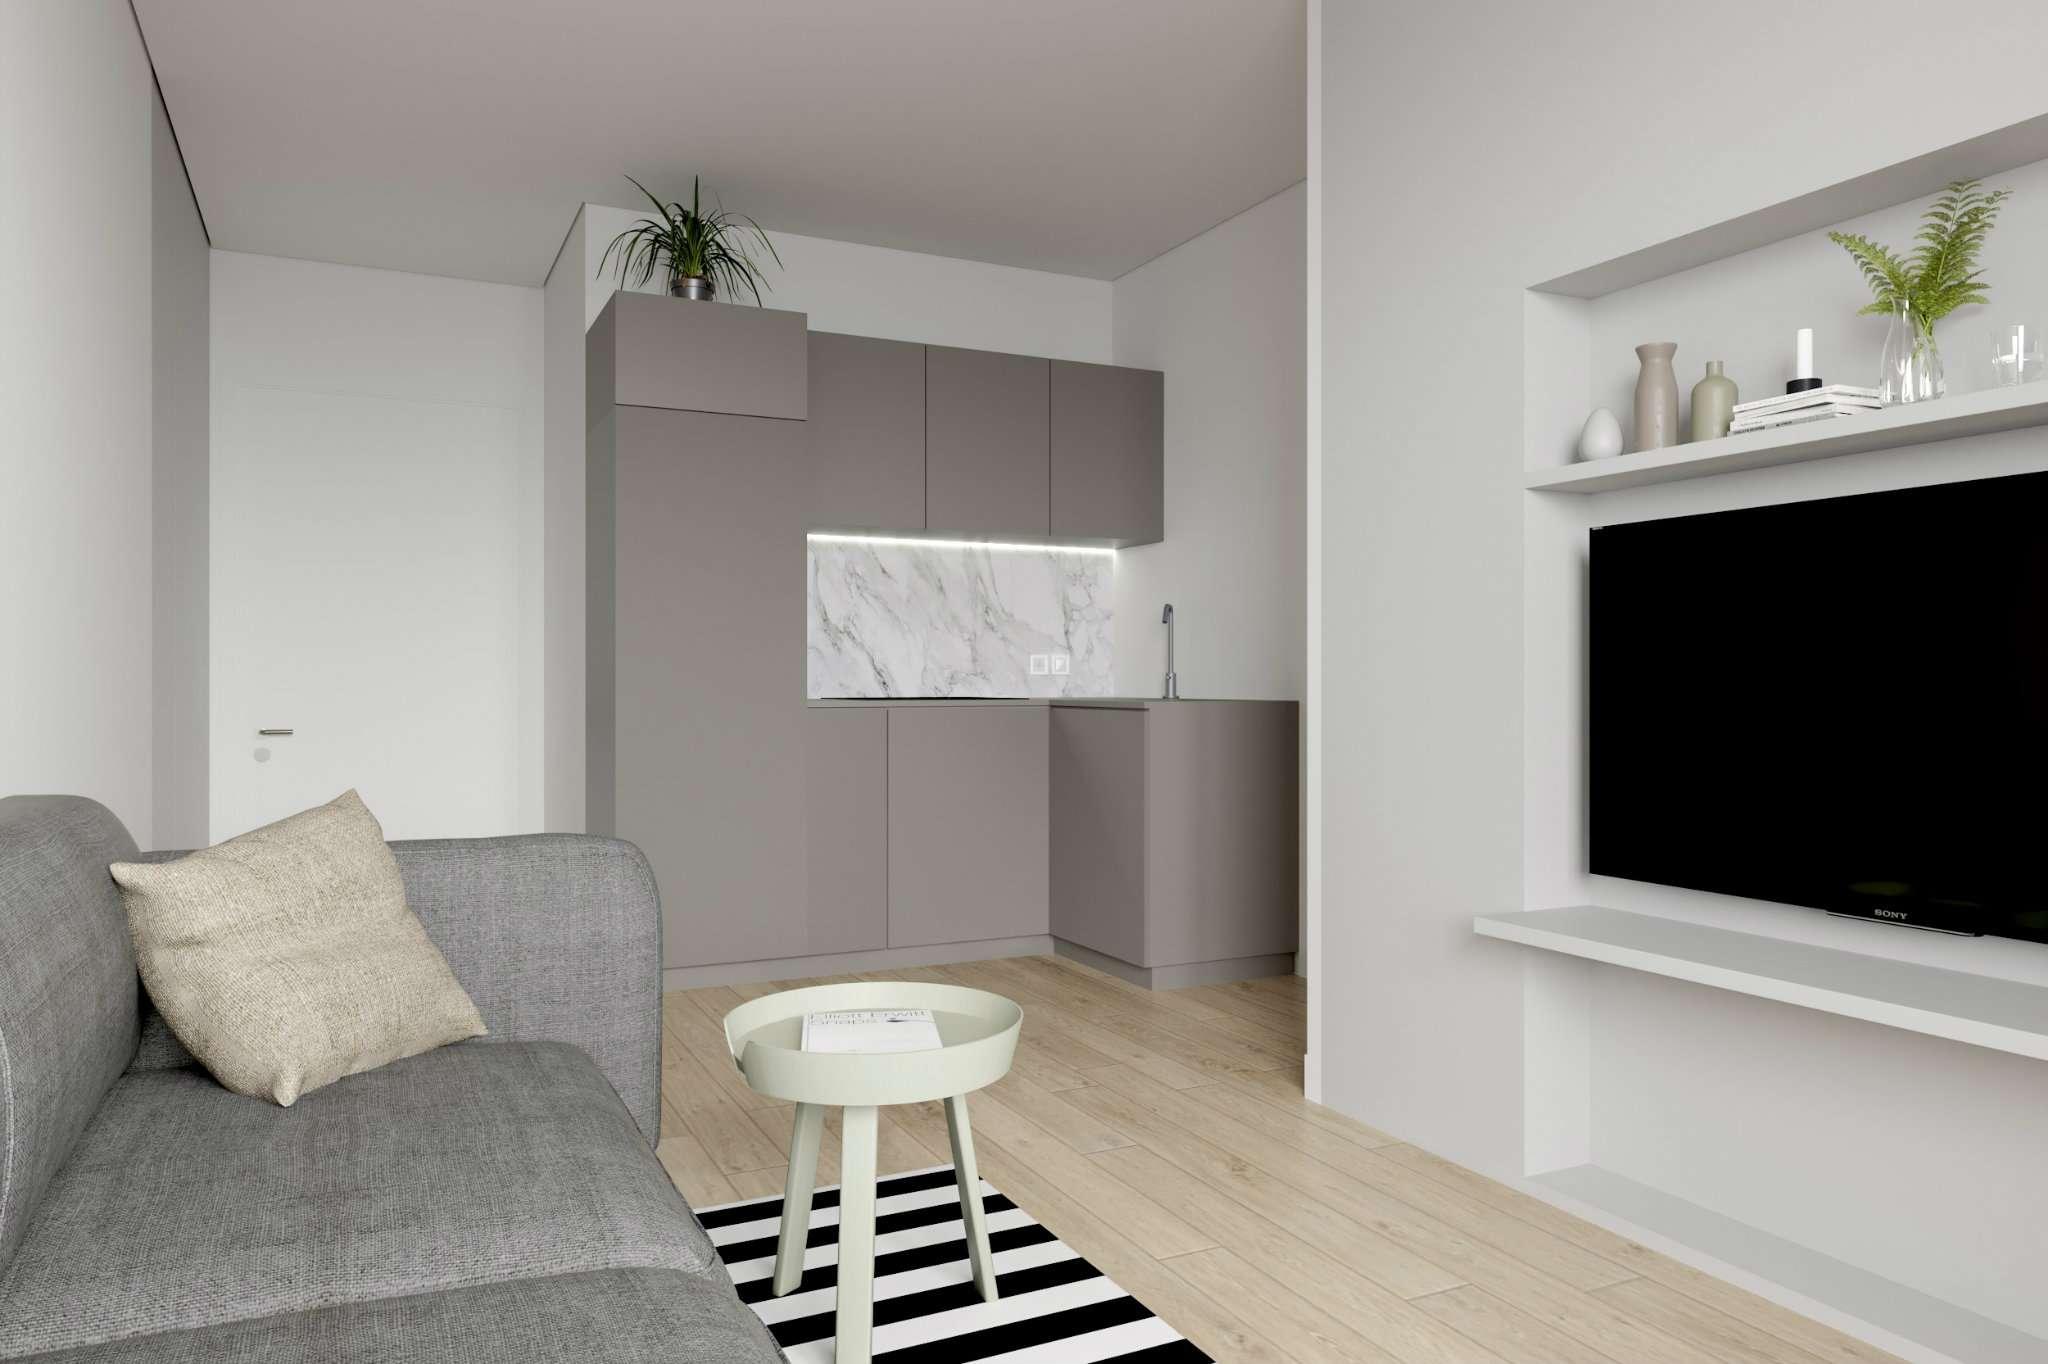 Appartamento in vendita a Roma, 1 locali, zona Zona: 34 . Bufalotta, Sette Bagni, Casal Boccone, Casale Monastero, Settecamini, prezzo € 134.000   CambioCasa.it